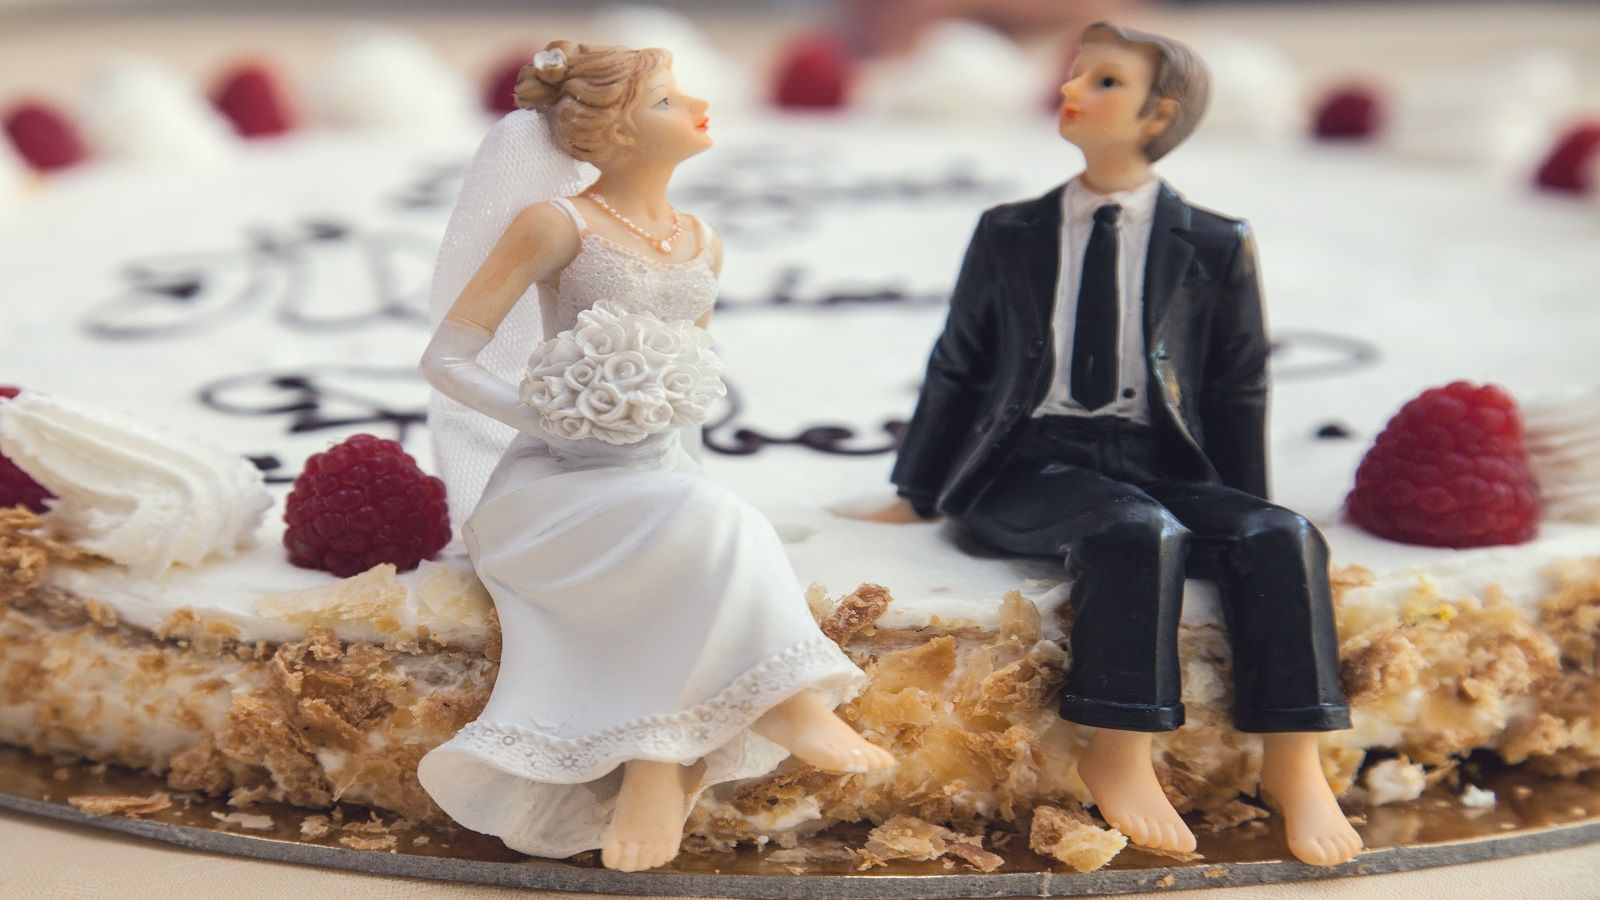 Risalente a 15 anni di matrimonio